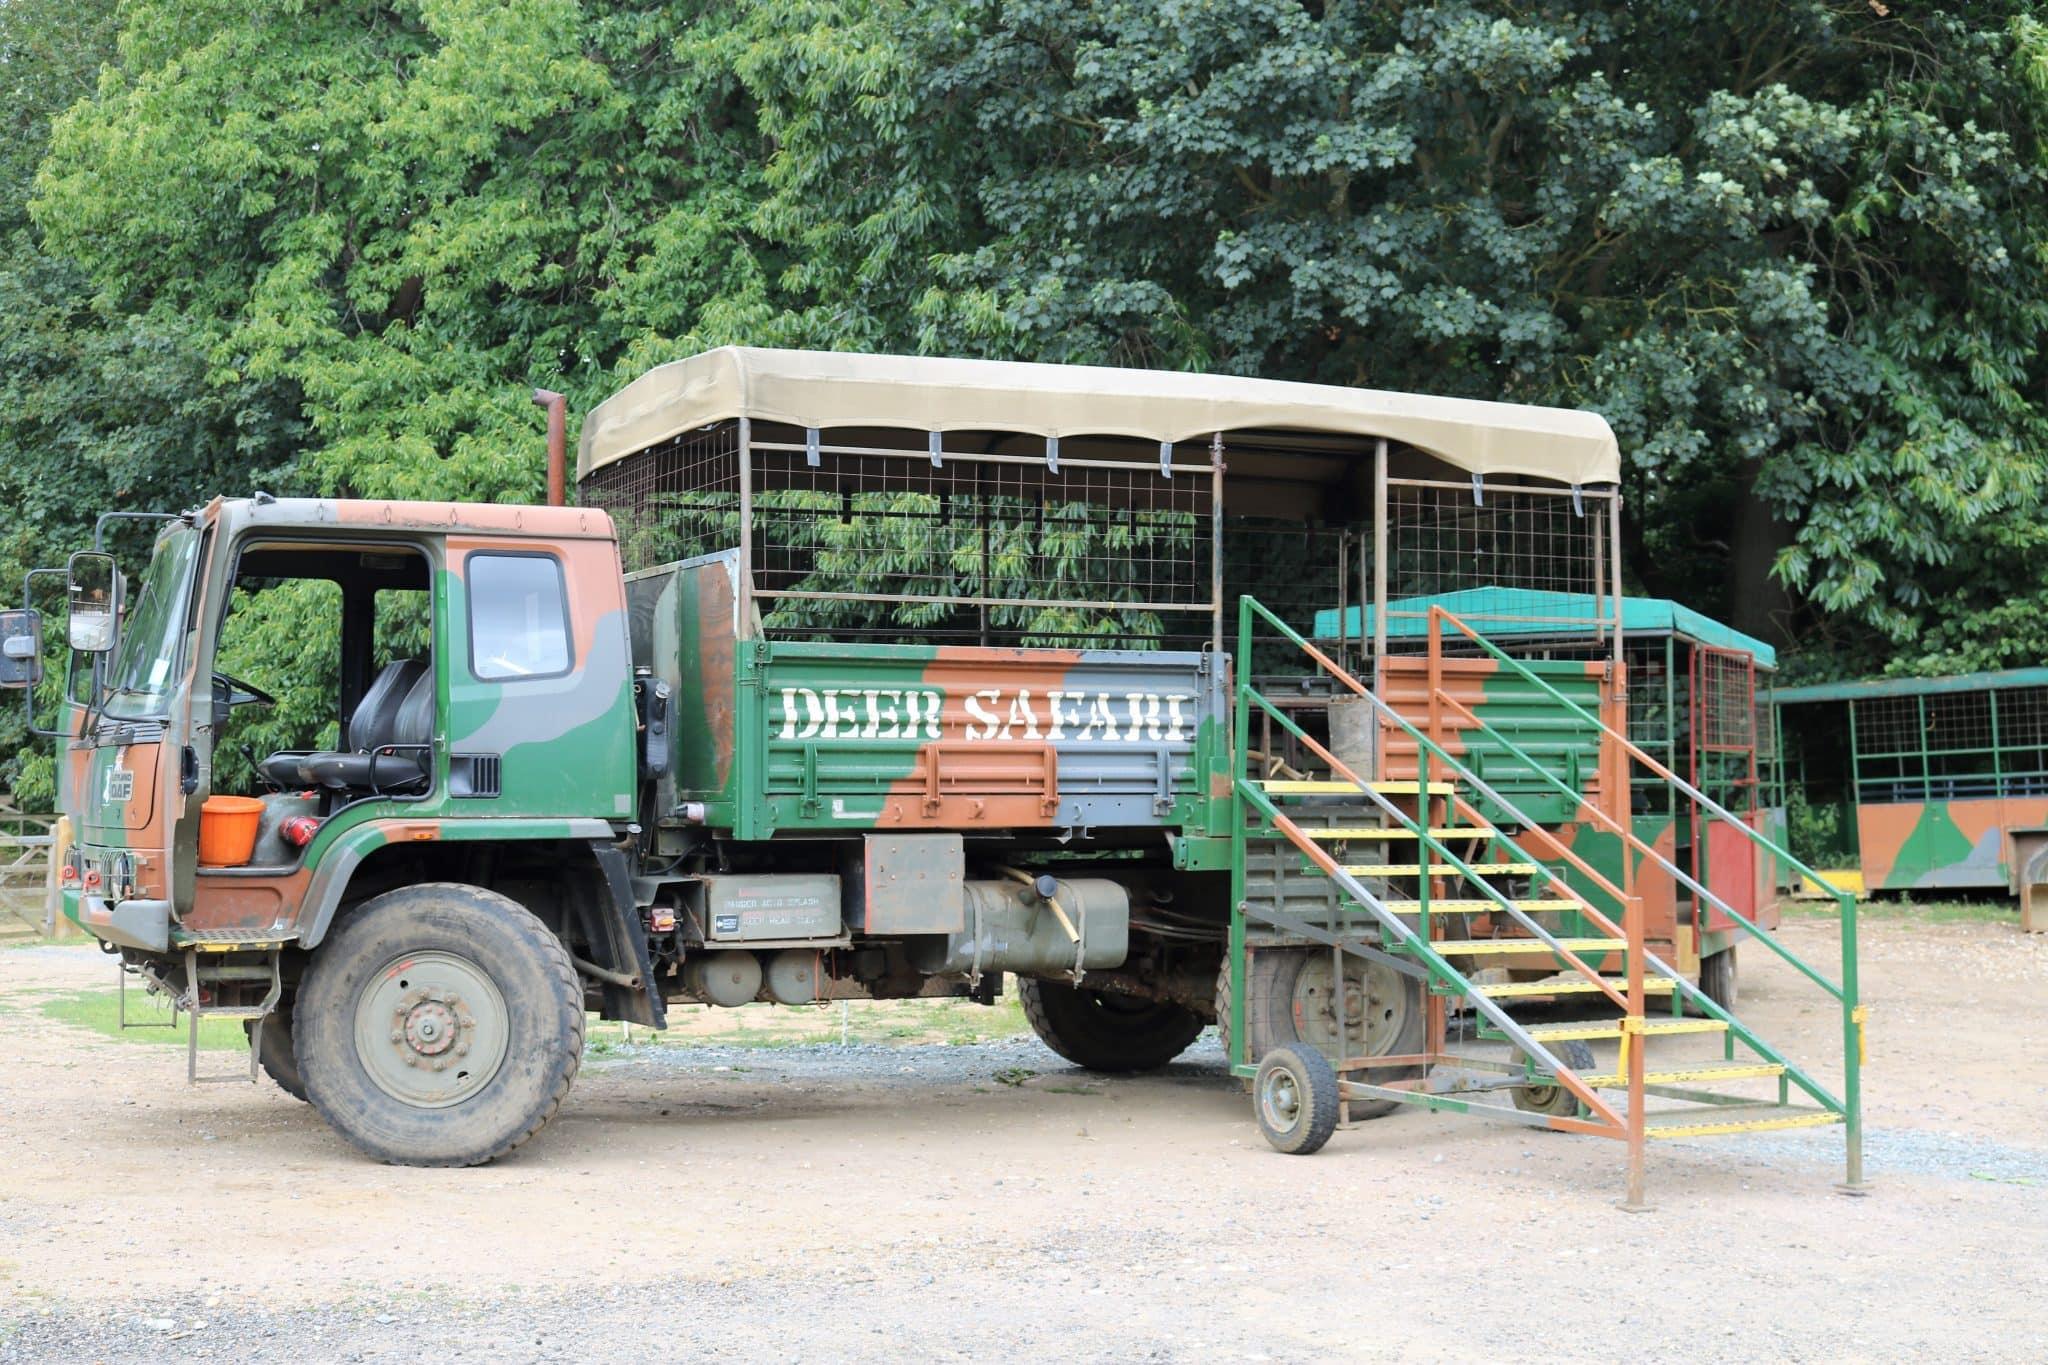 The Deer Safari Truck